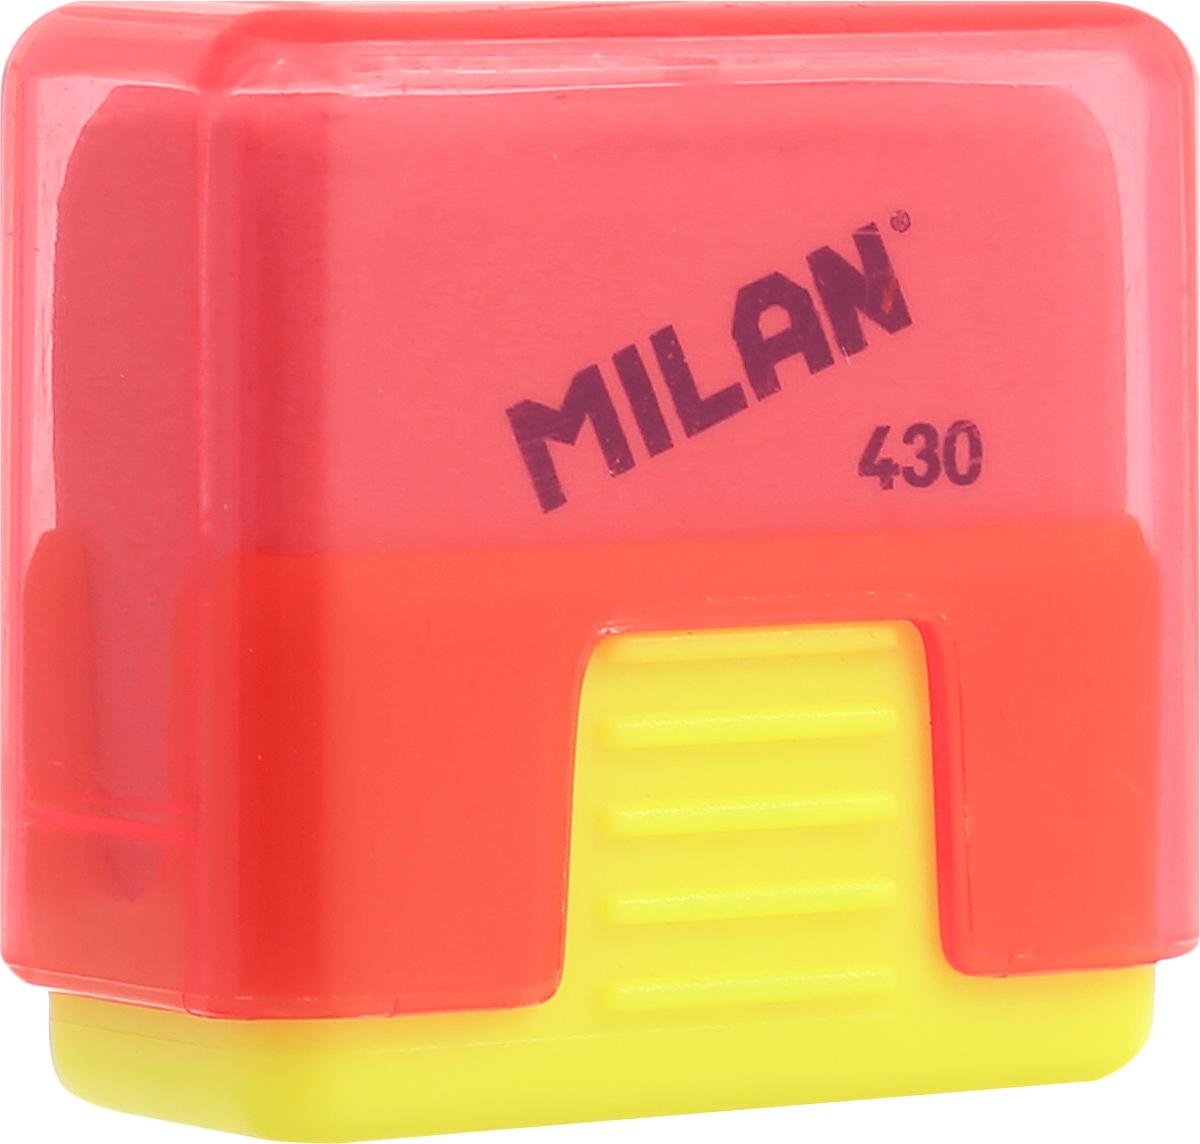 Milan Ластик School 430 цвет желтый красный20156212Ластик Milan School 430 - это ластик с пластиковым держателем в эргономичном компактном корпусе. Заменяемый ластик.